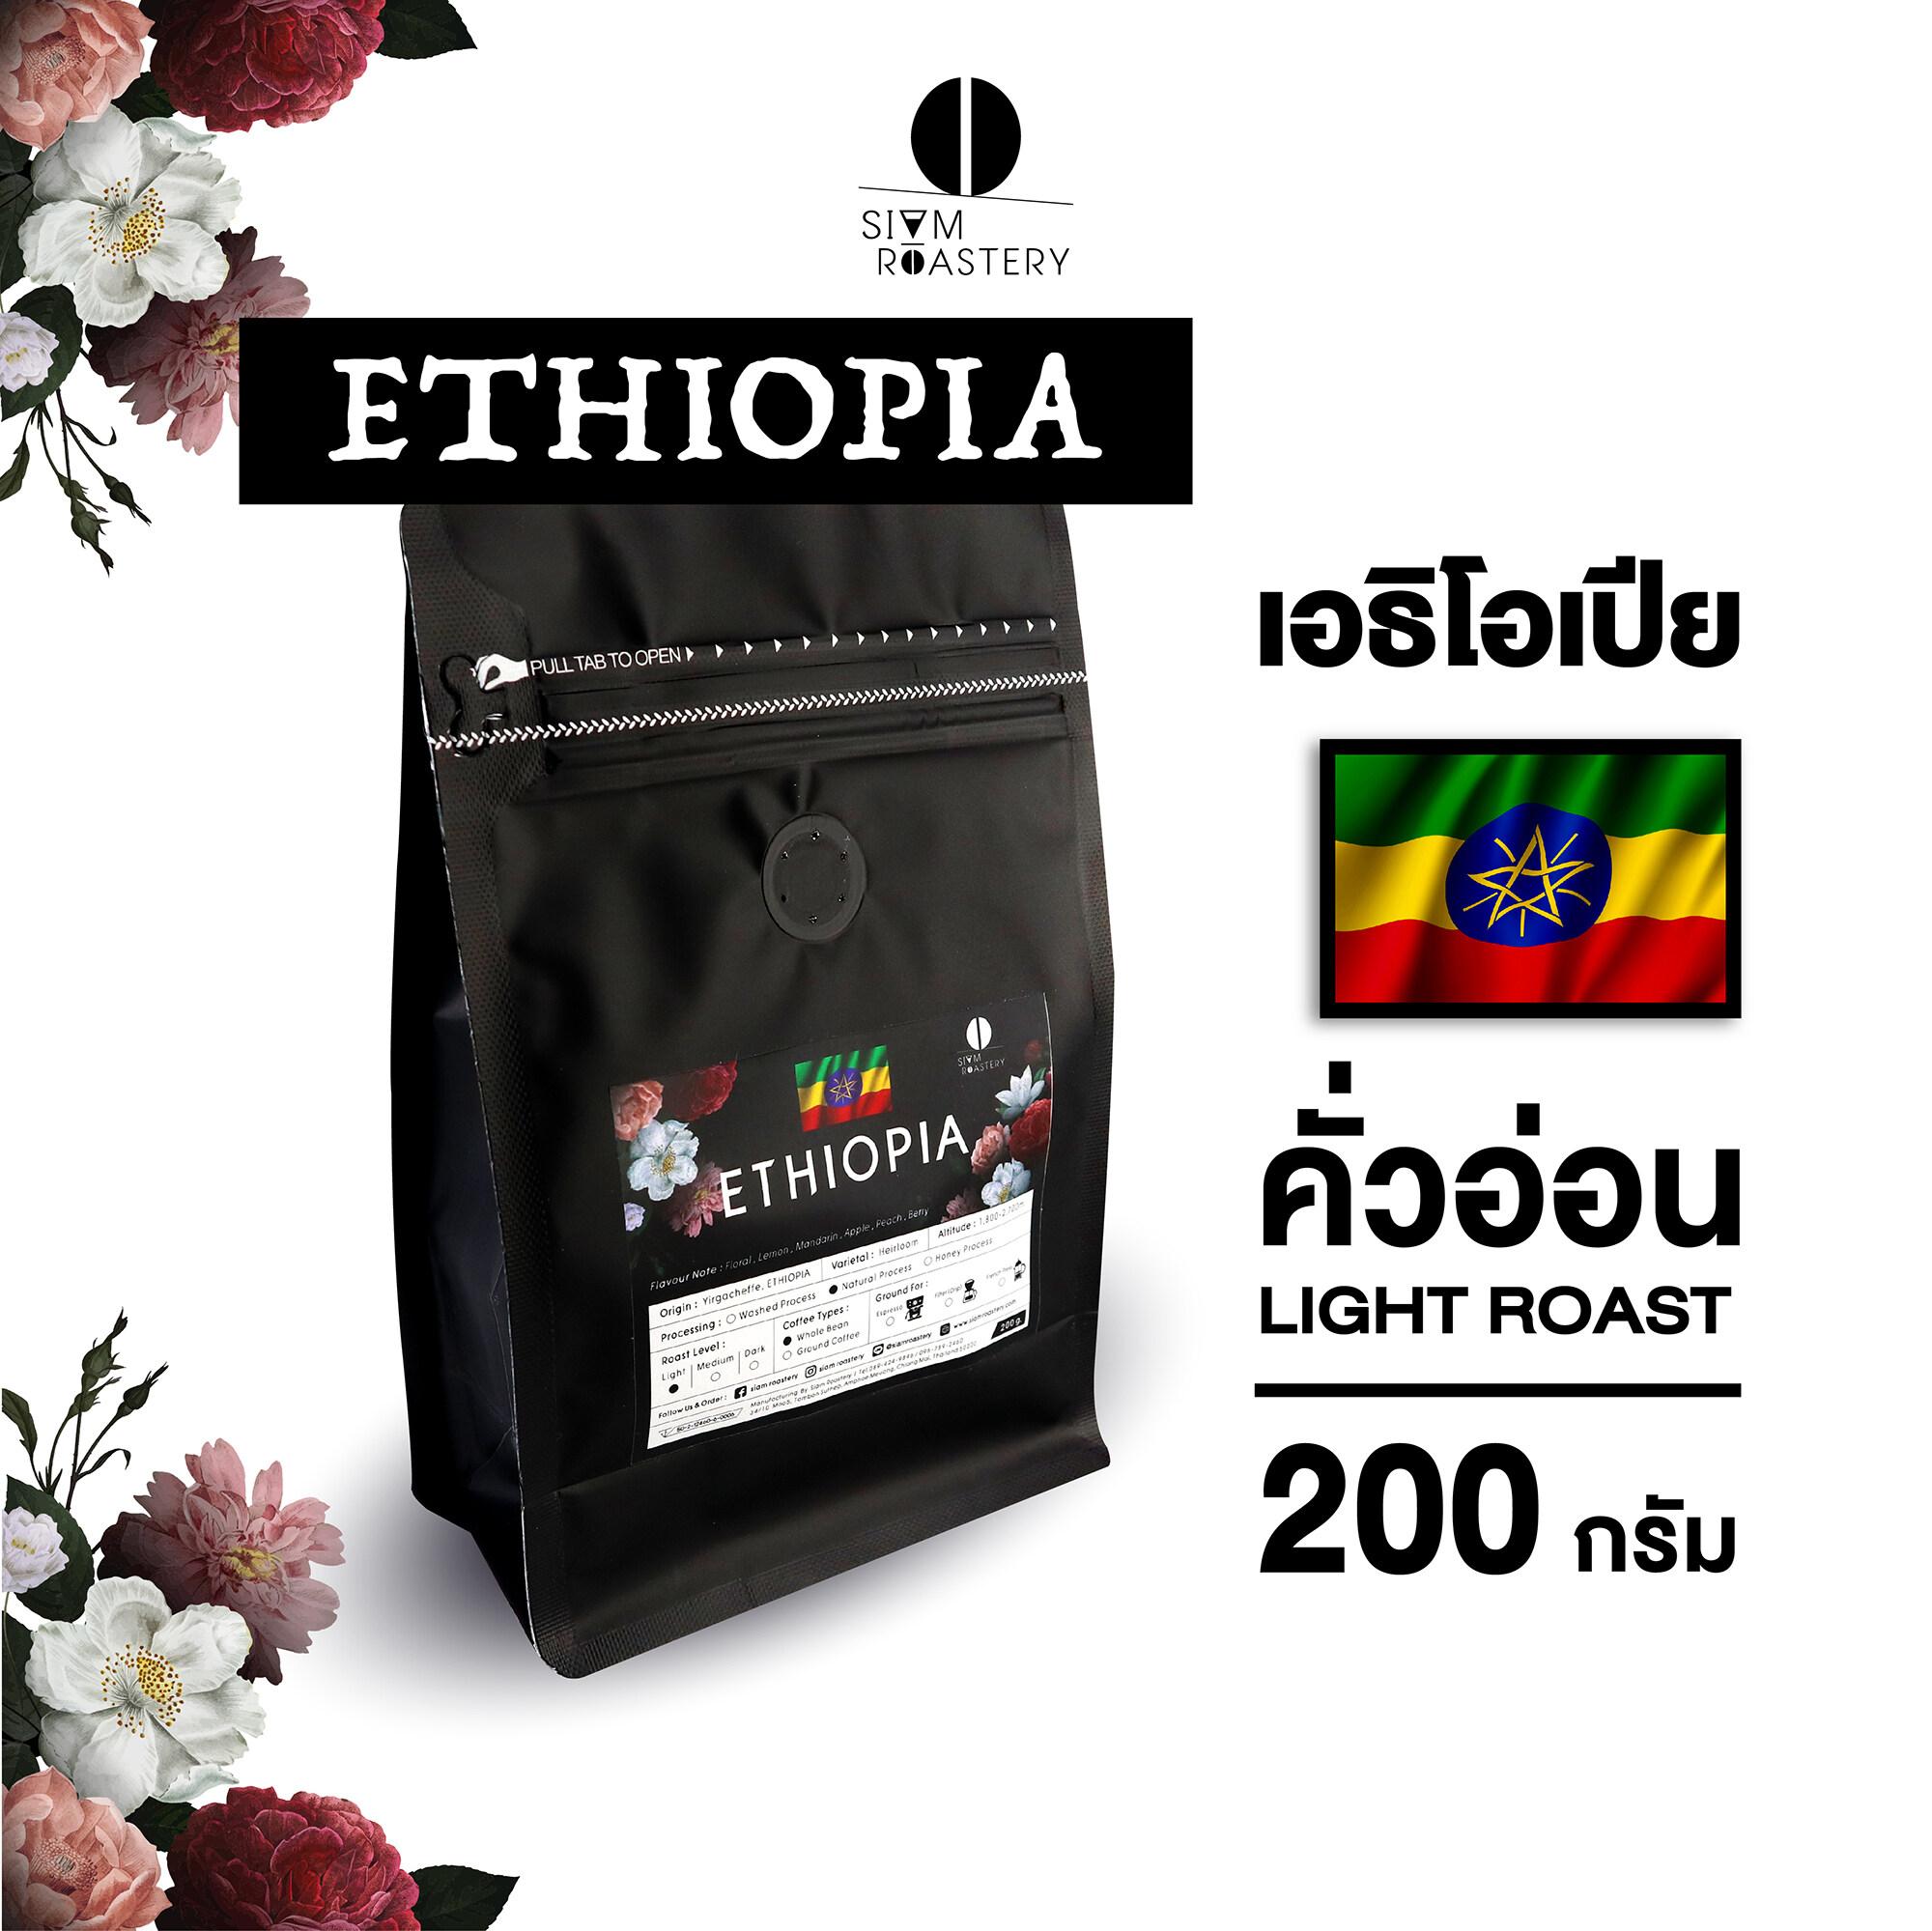 เมล็ดกาแฟเอธิโอเปีย Ethiopia Coffee เมล็ดกาแฟต่างประเทศ คั่วอ่อน 200g..